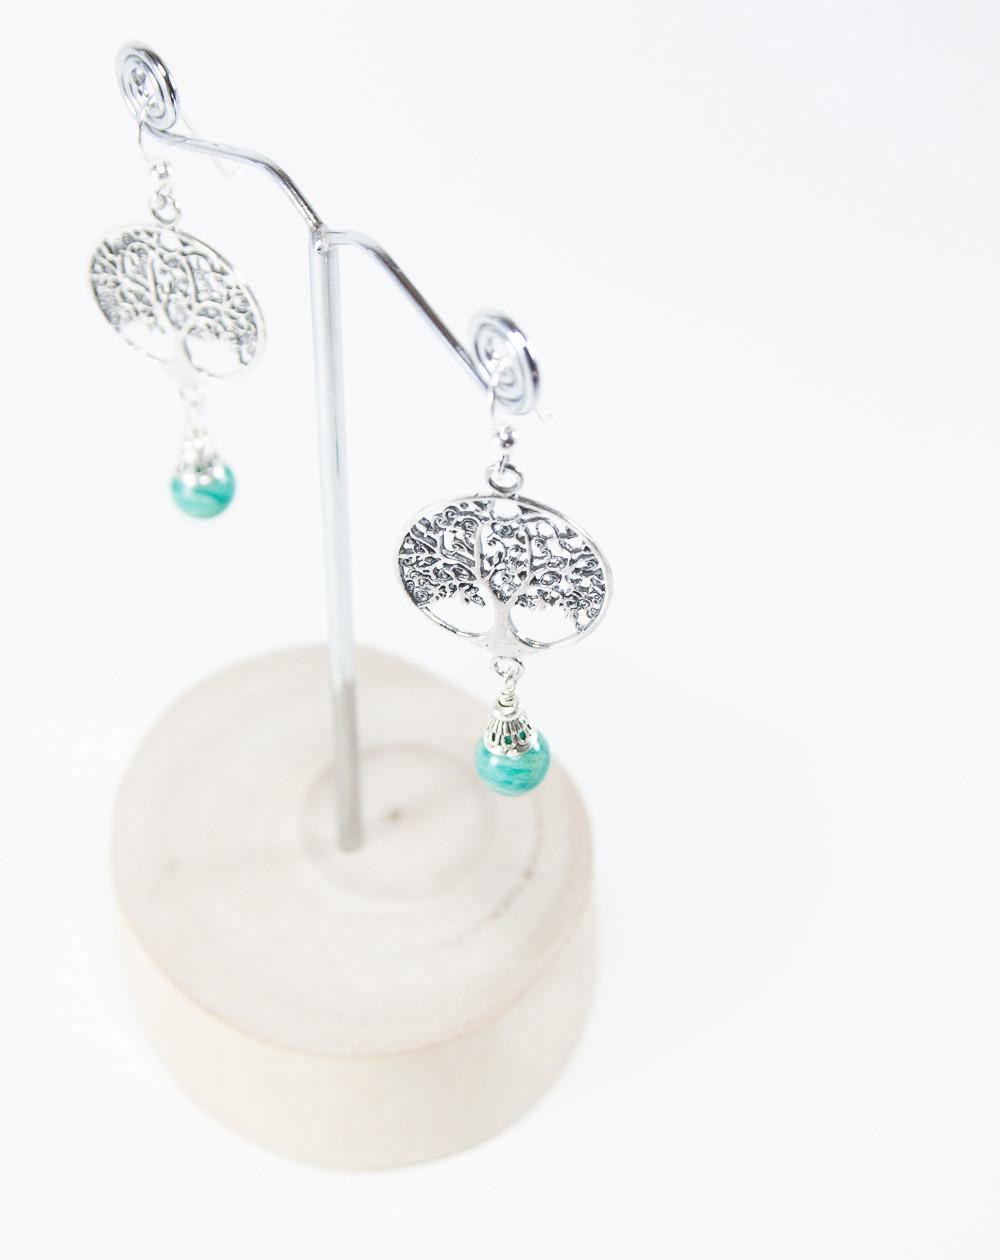 Boucles d'oreilles arbre de vie, Amazonite, Créateurs Français. Sanuk Création